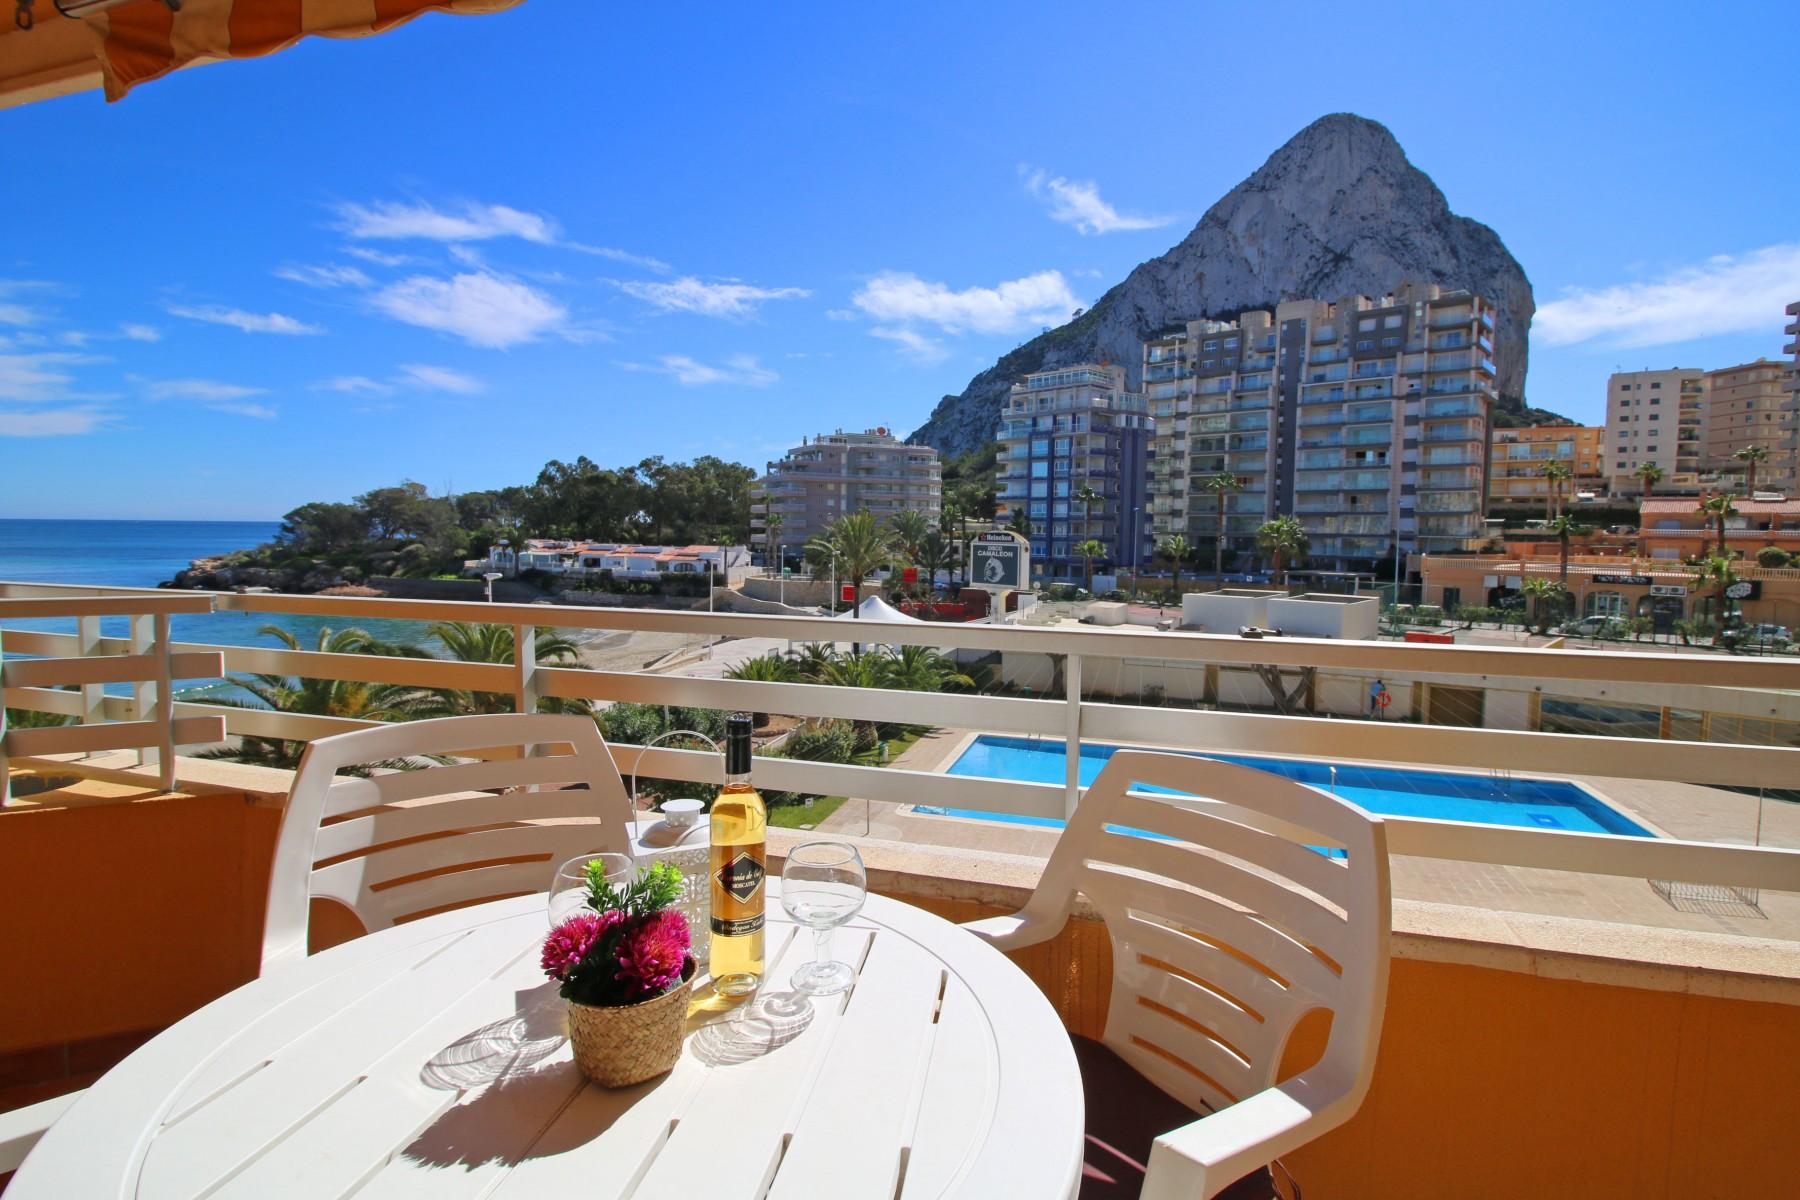 Acogedor Apartamento Voramar Con Piscina Terraza Y Vistas Al Mar En Primera Línea De Playa De Calpe Apartamentos En Calpe